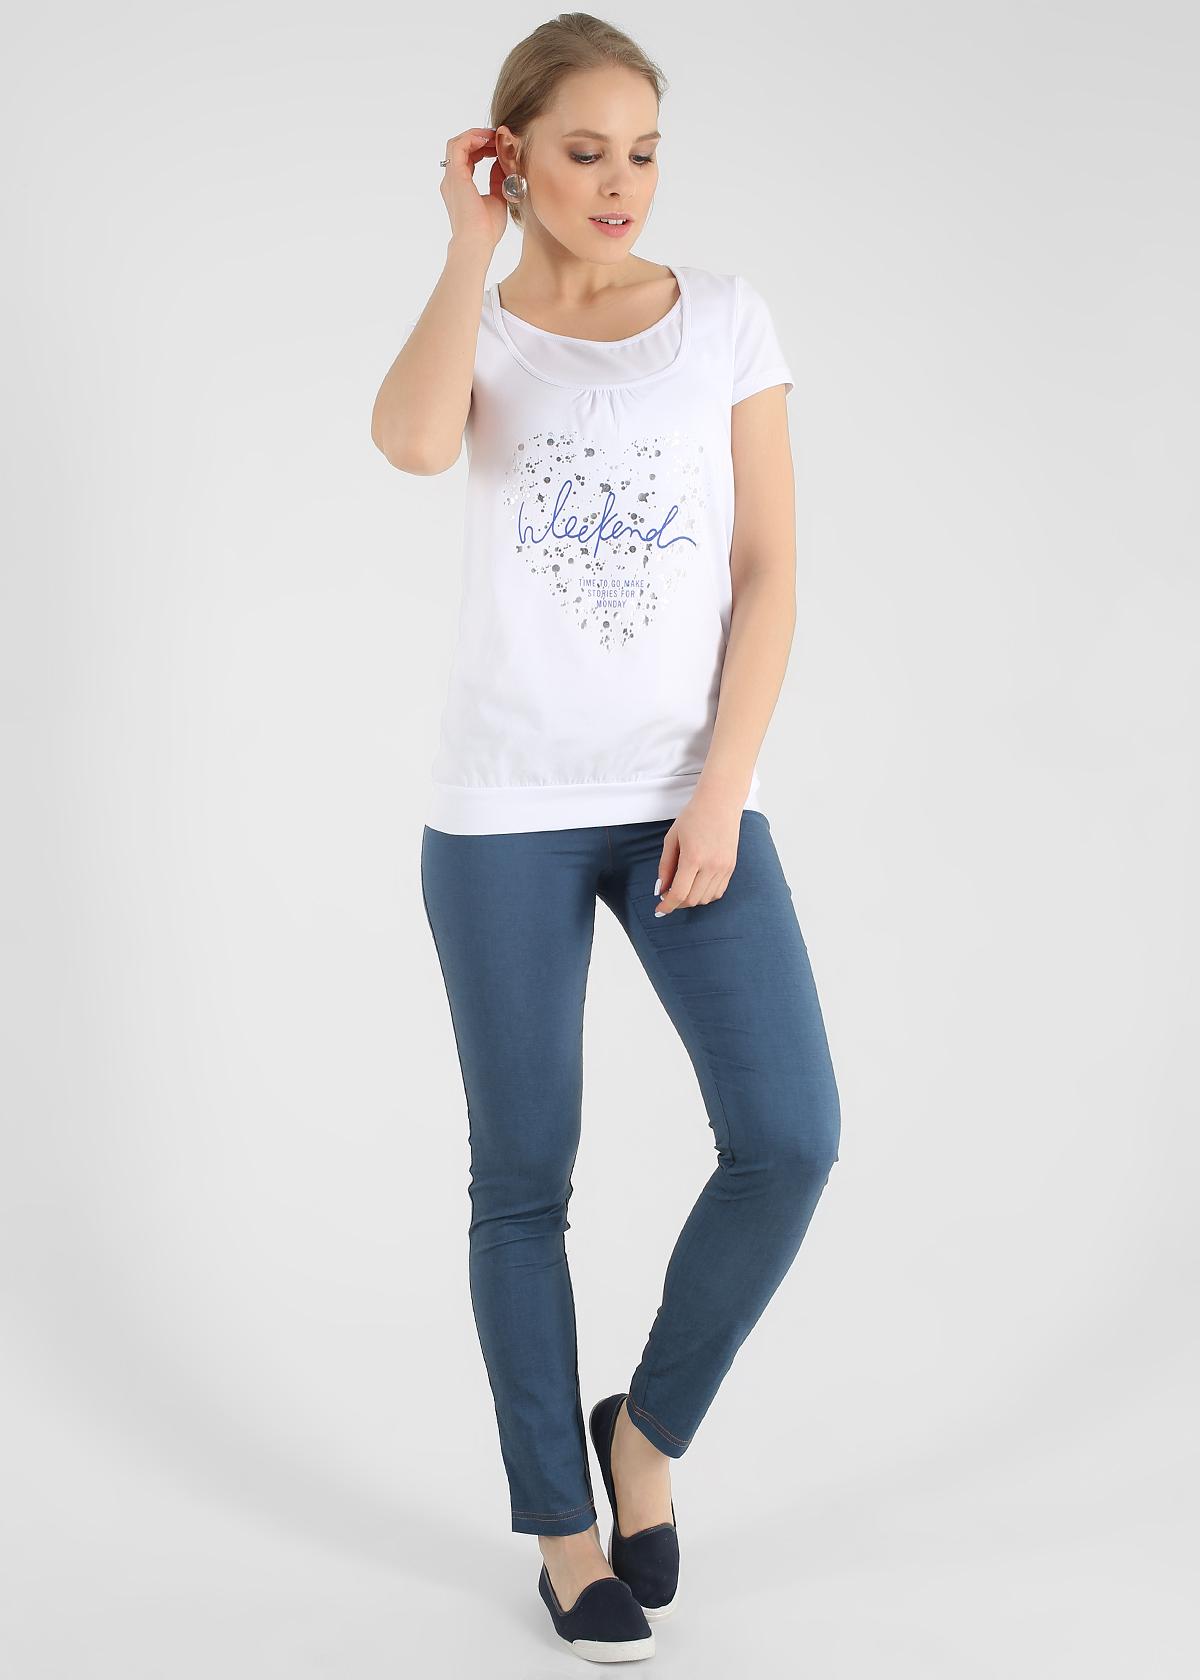 2a14942e370c6 UralMama.com одежда для беременных и кормящих ILoveMum в ...